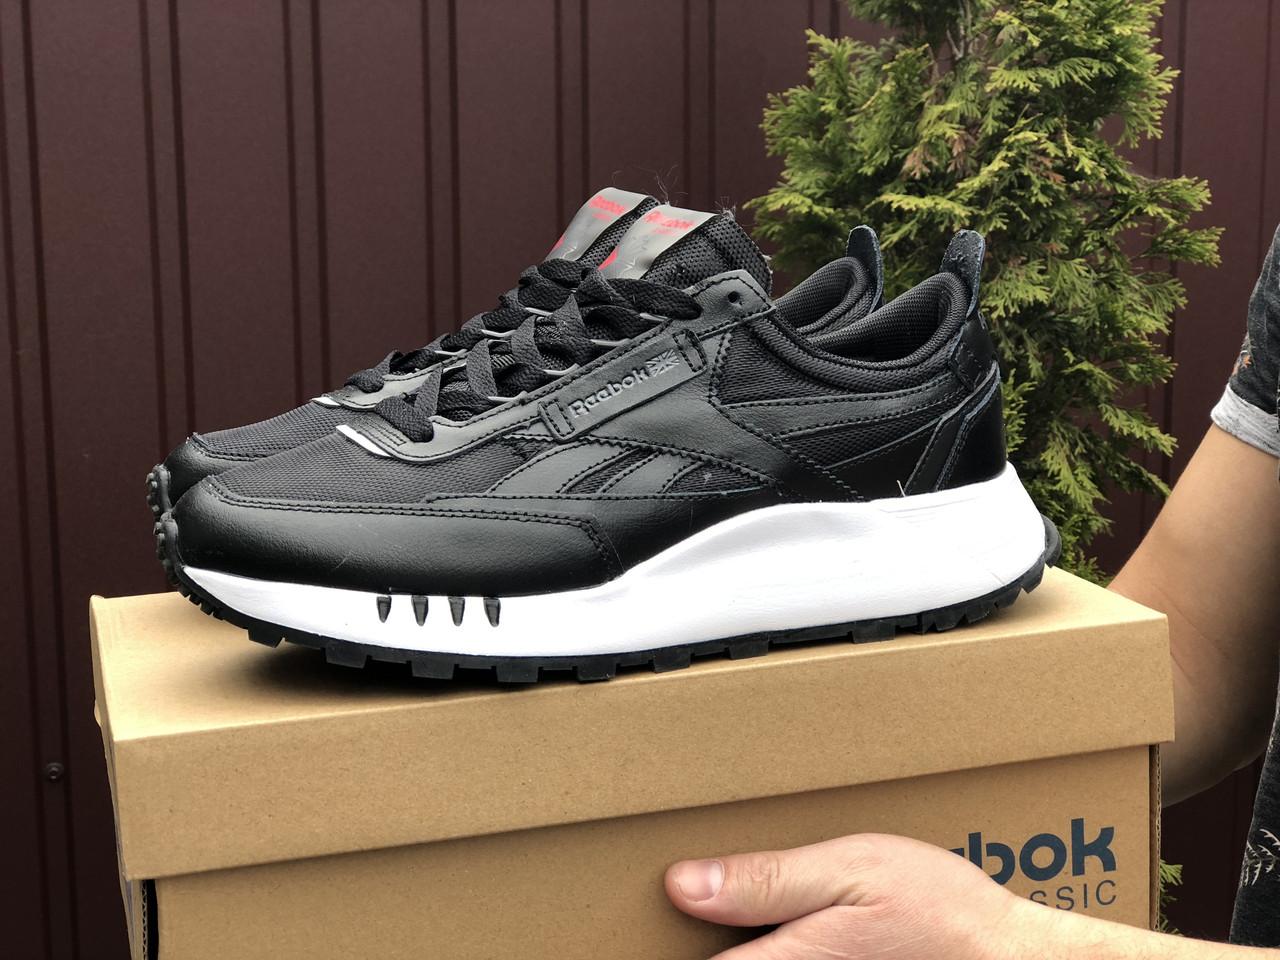 Чоловічі кросівки Reebok чорні / замшеві кросівки Рібок (Топ репліка ААА+)